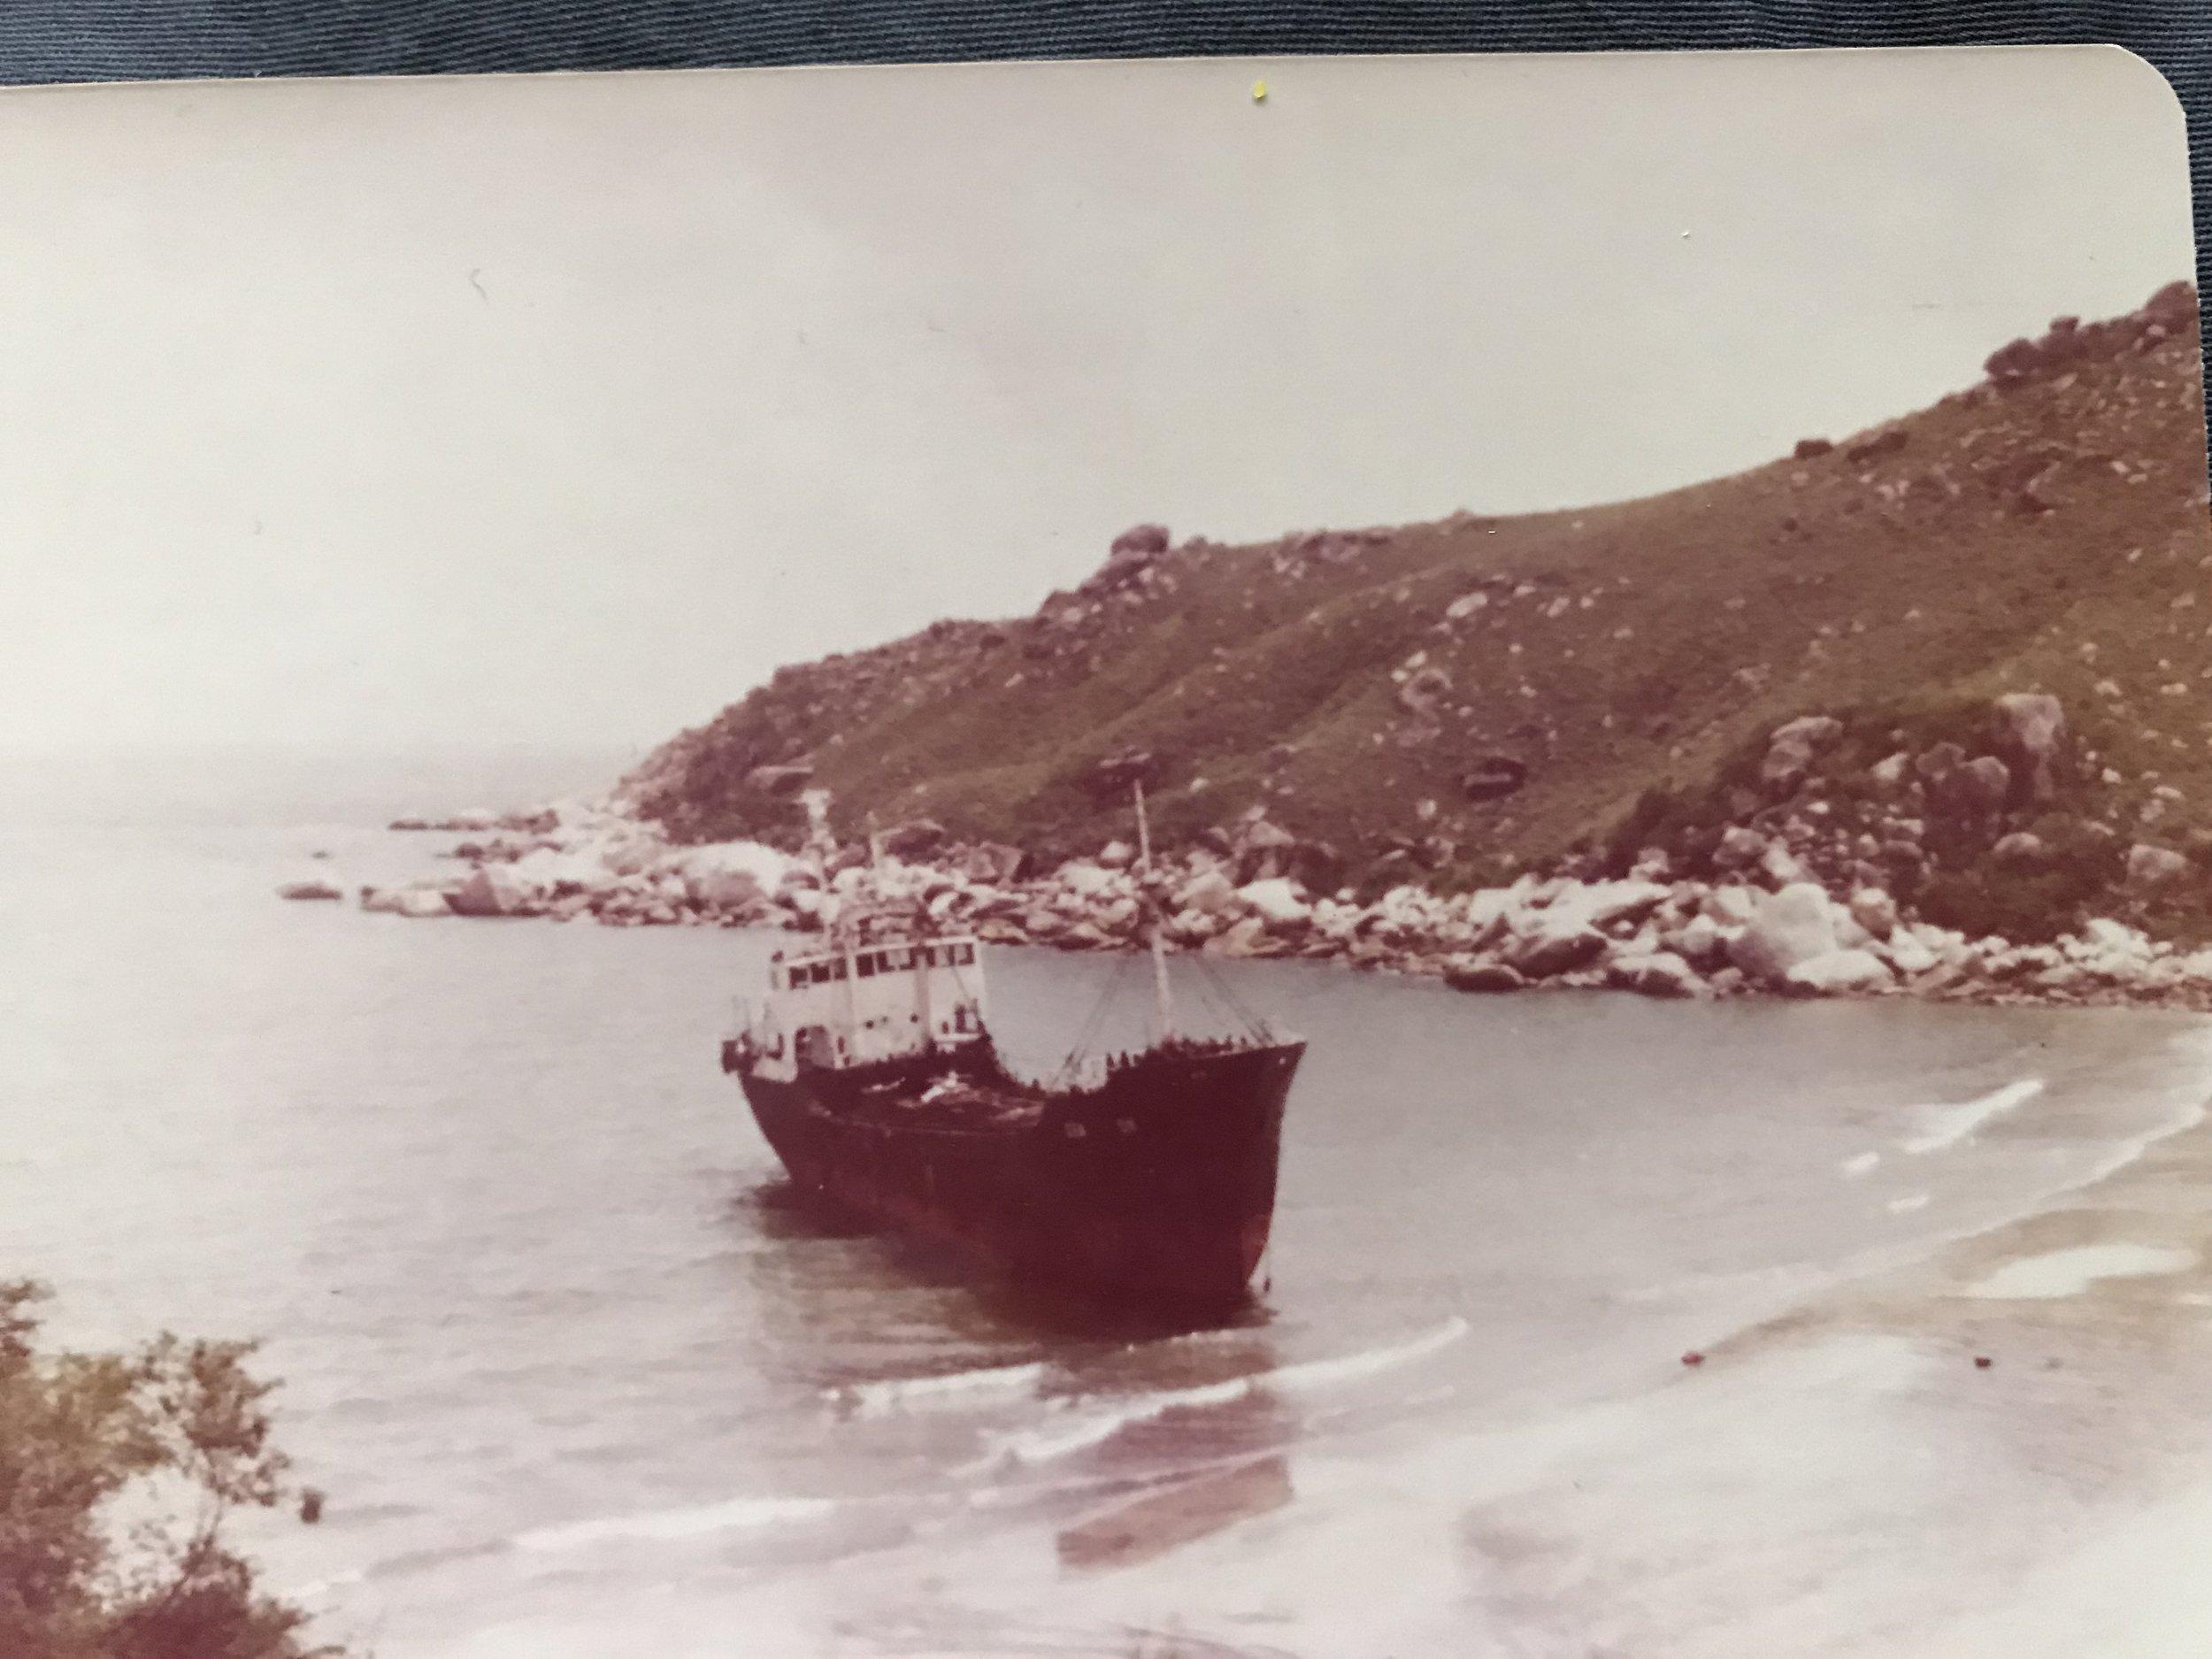 Con tầu đã chở người tỵ nạn cộng sản Việt Nam đi từ hướng Vũng Tầu sang Hong Kong năm 1979.